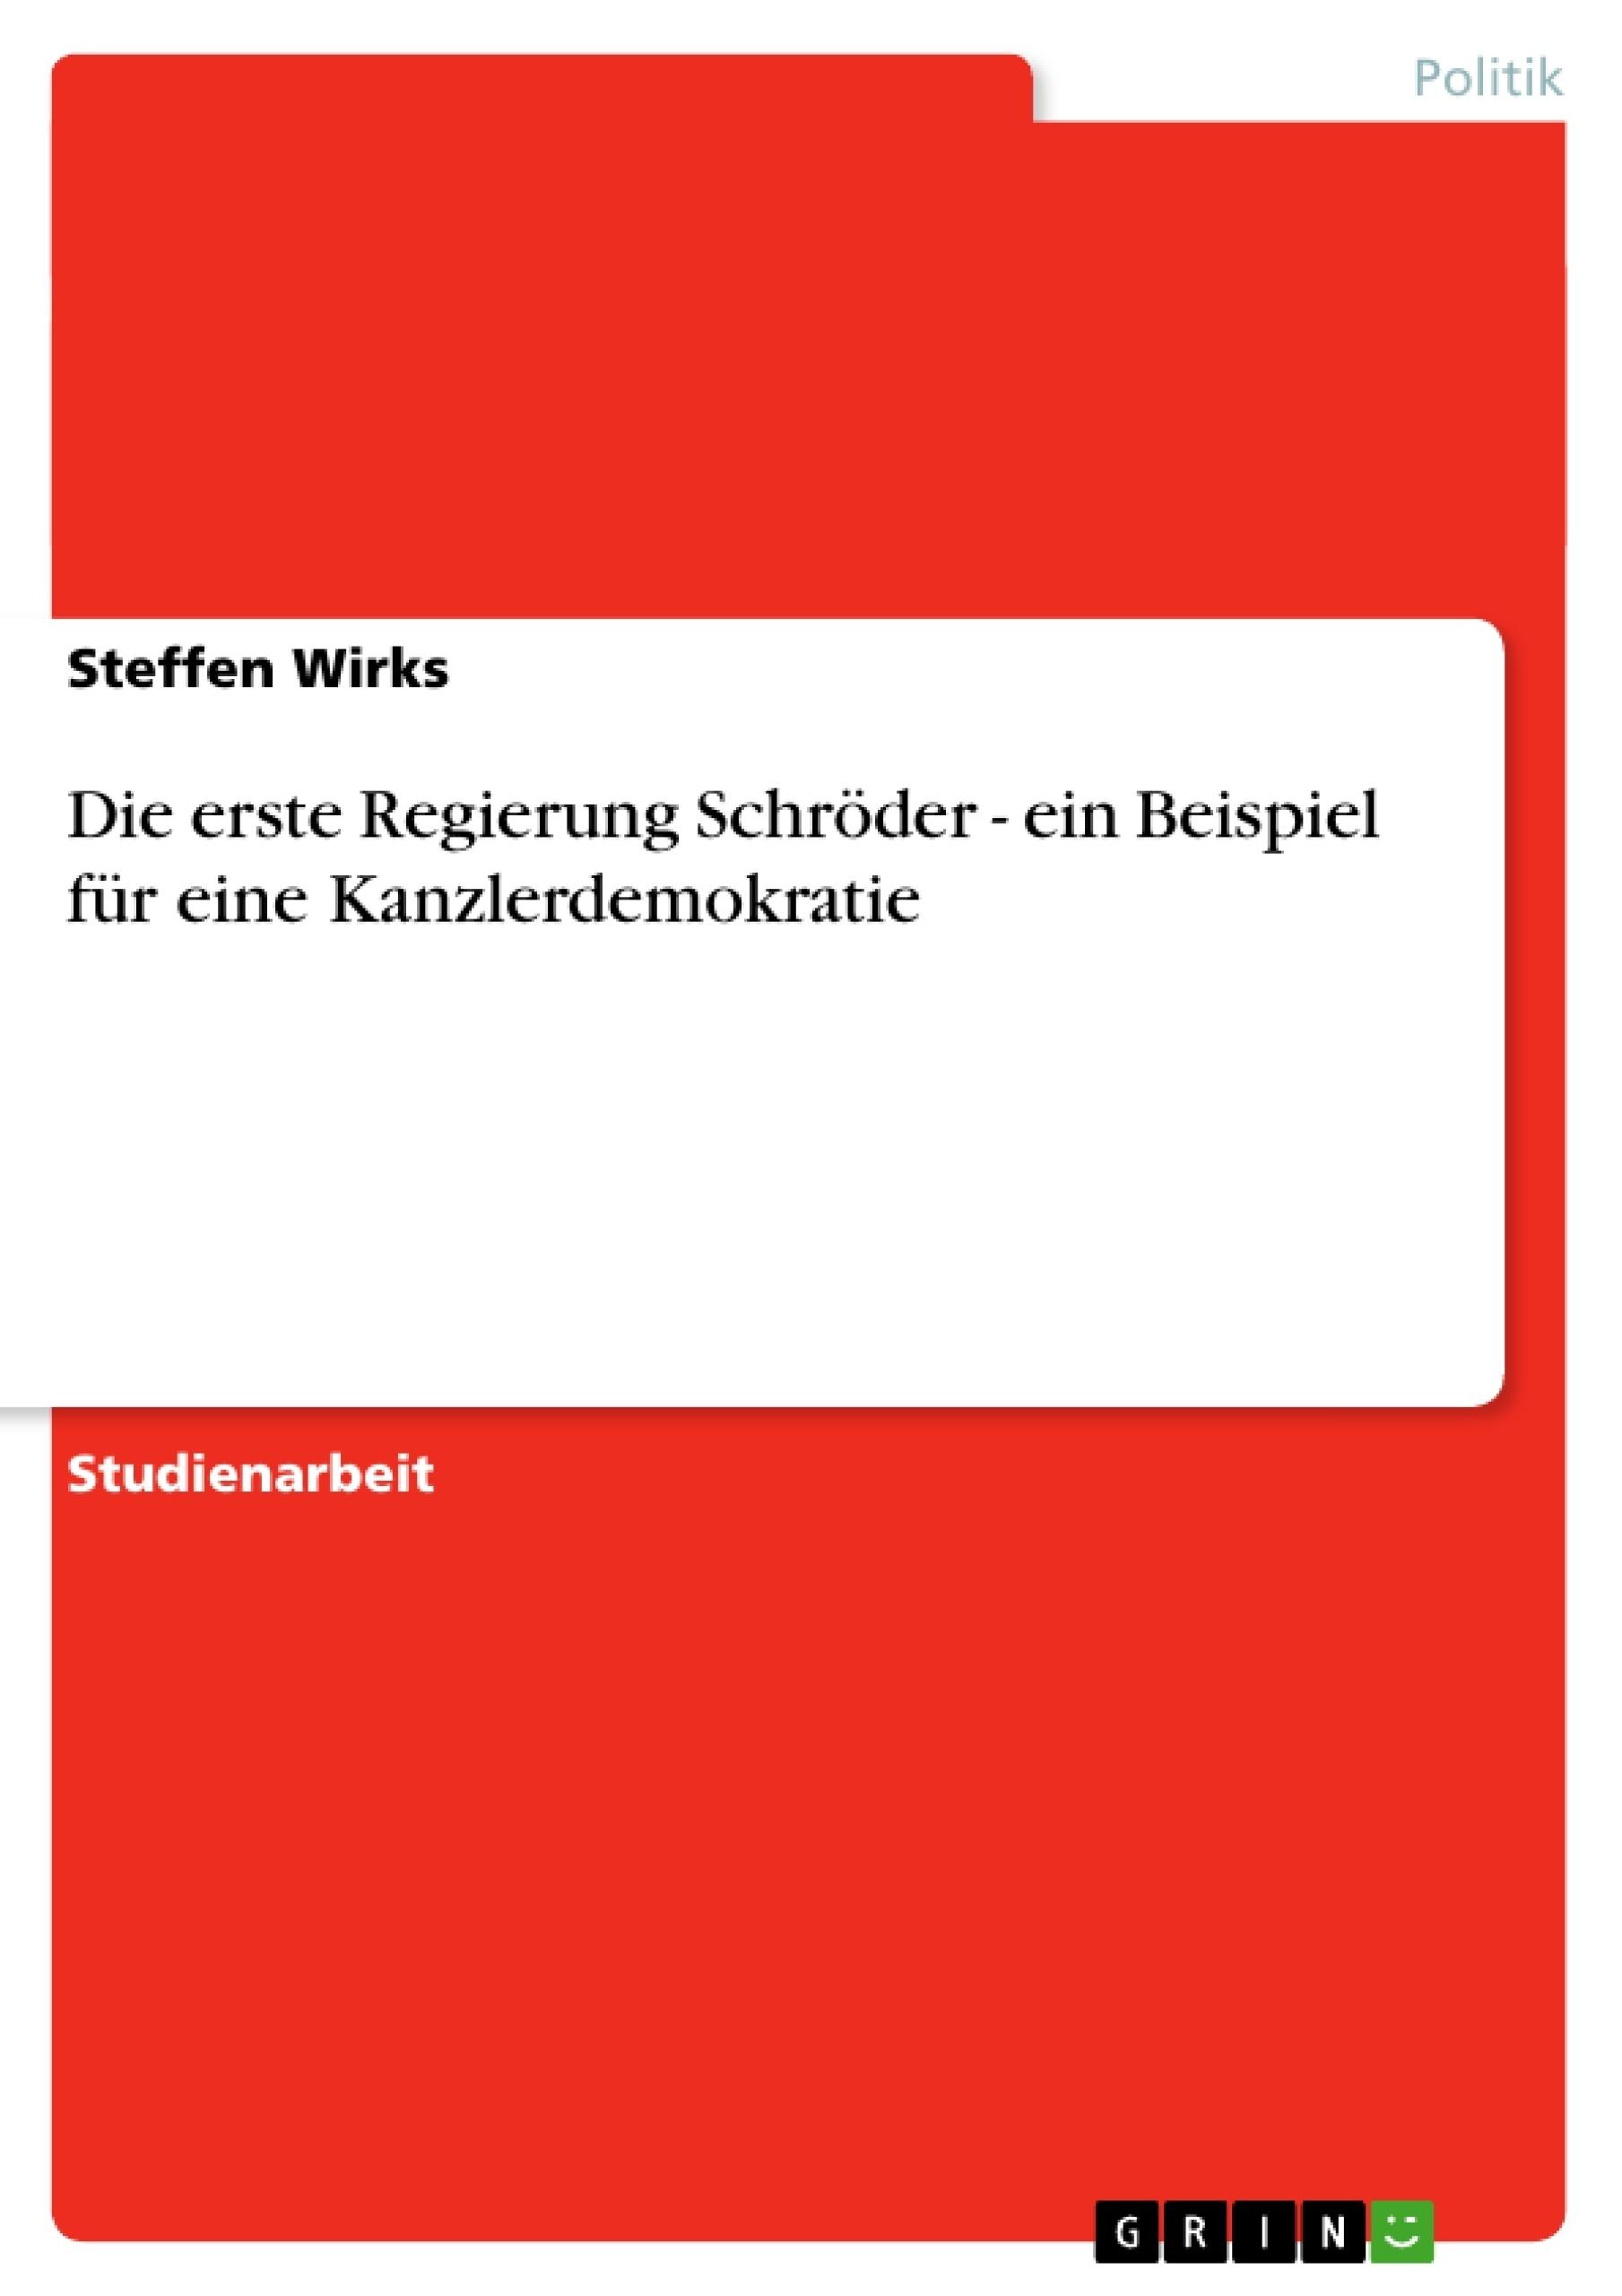 Titel: Die erste Regierung Schröder - ein Beispiel für eine Kanzlerdemokratie